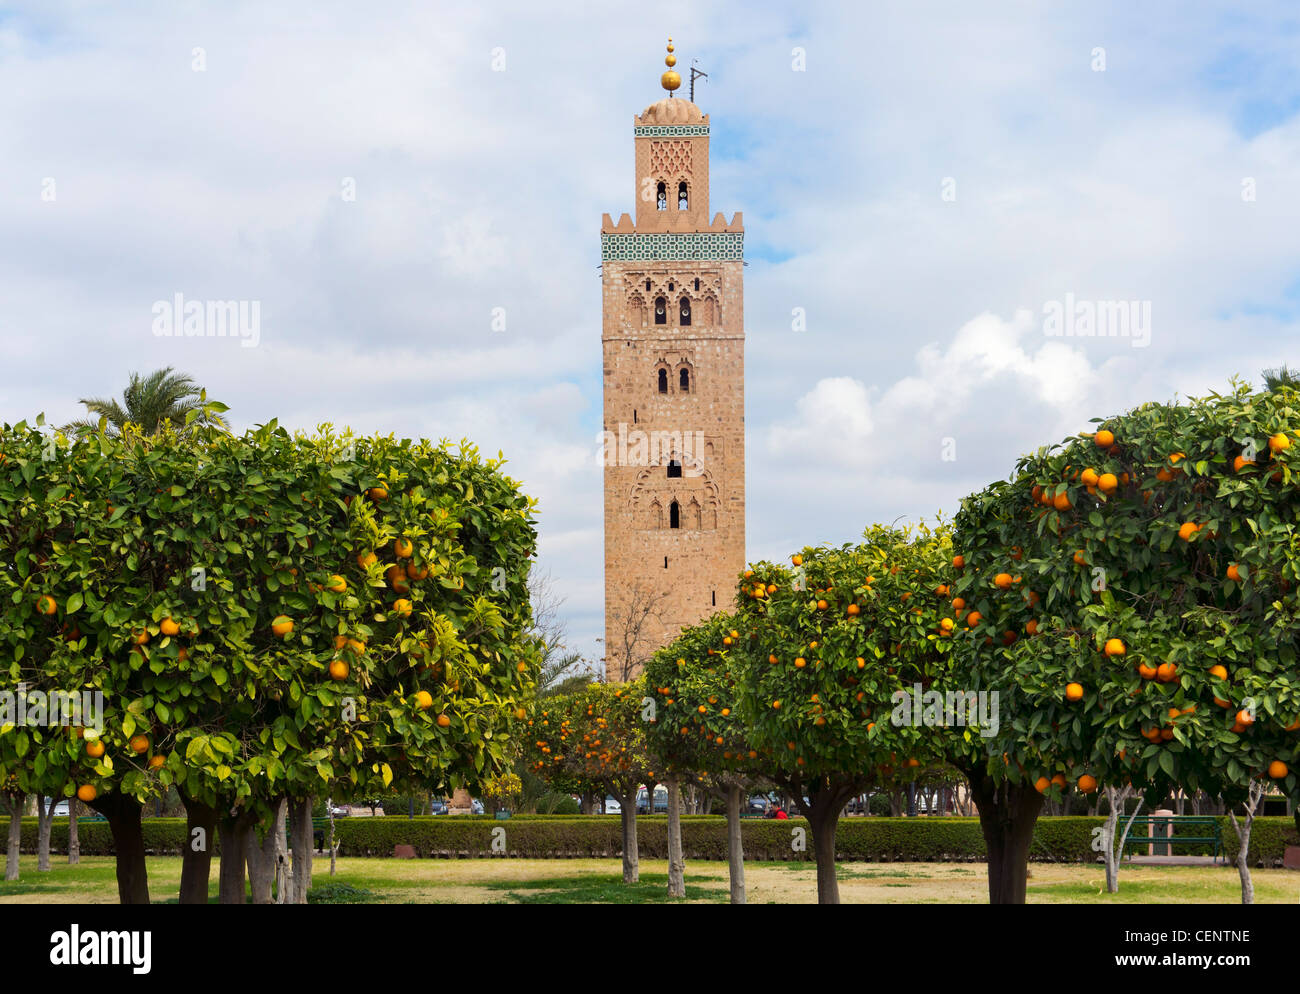 Le Minaret De La Koutoubia La Koutoubia Les Jardins De Marrakech